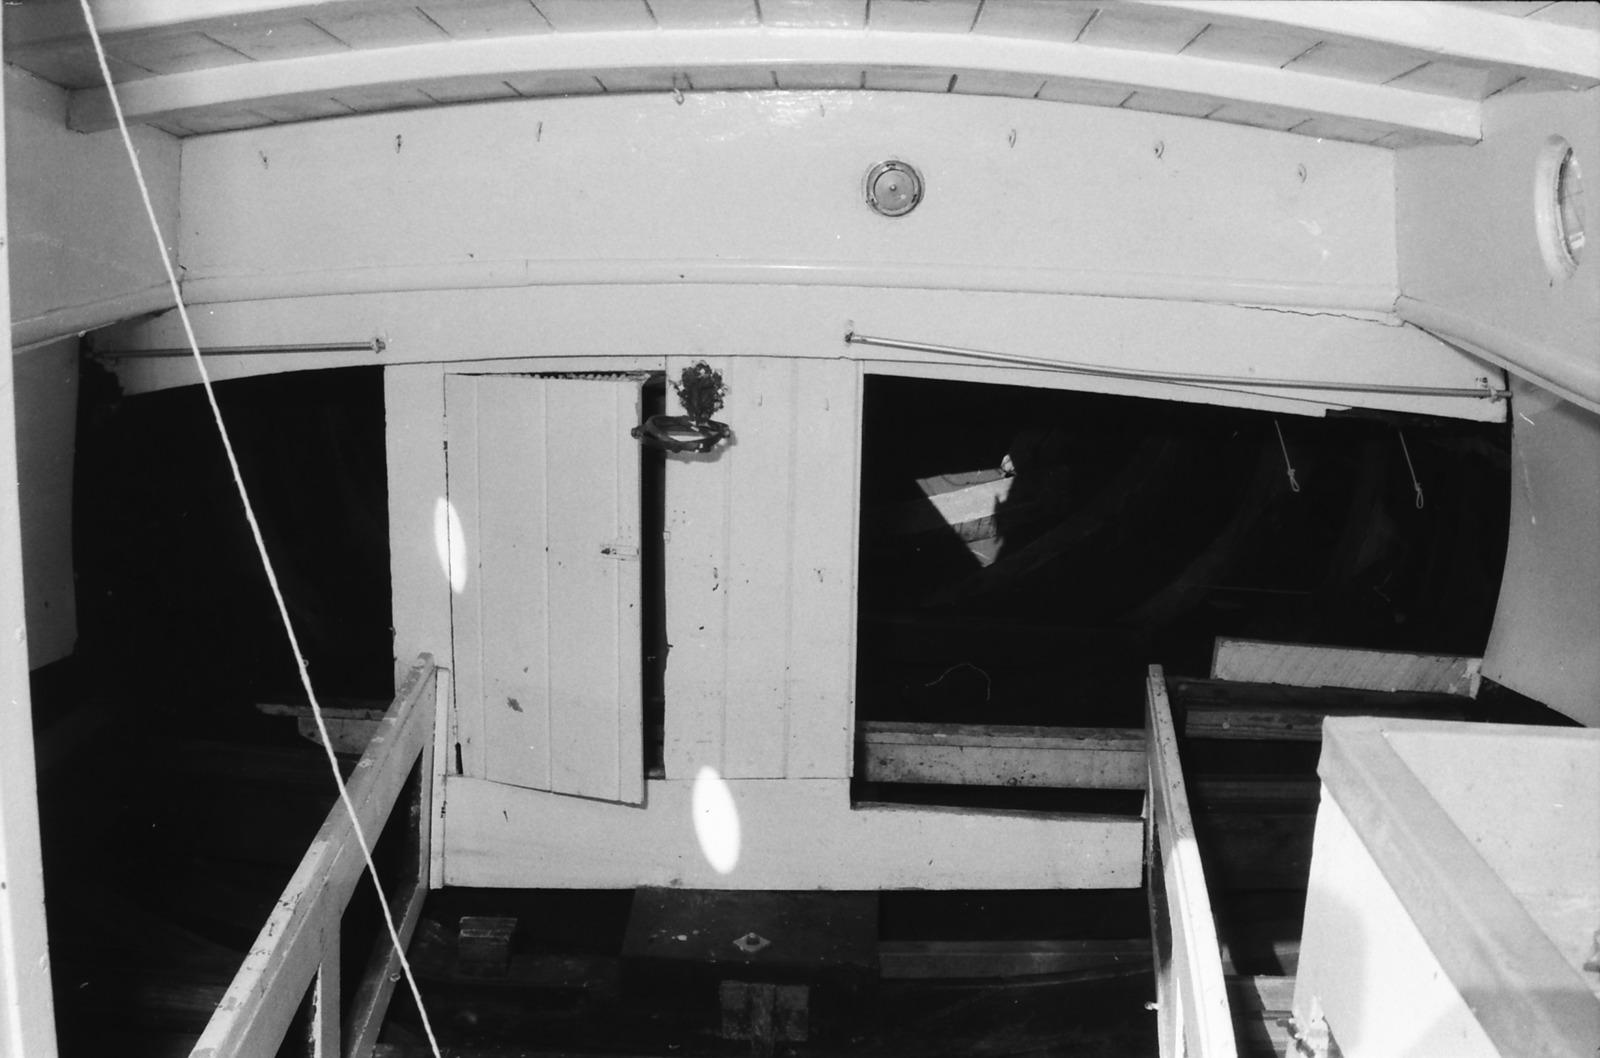 Staverse jol ST 22 Starum voor sloop.